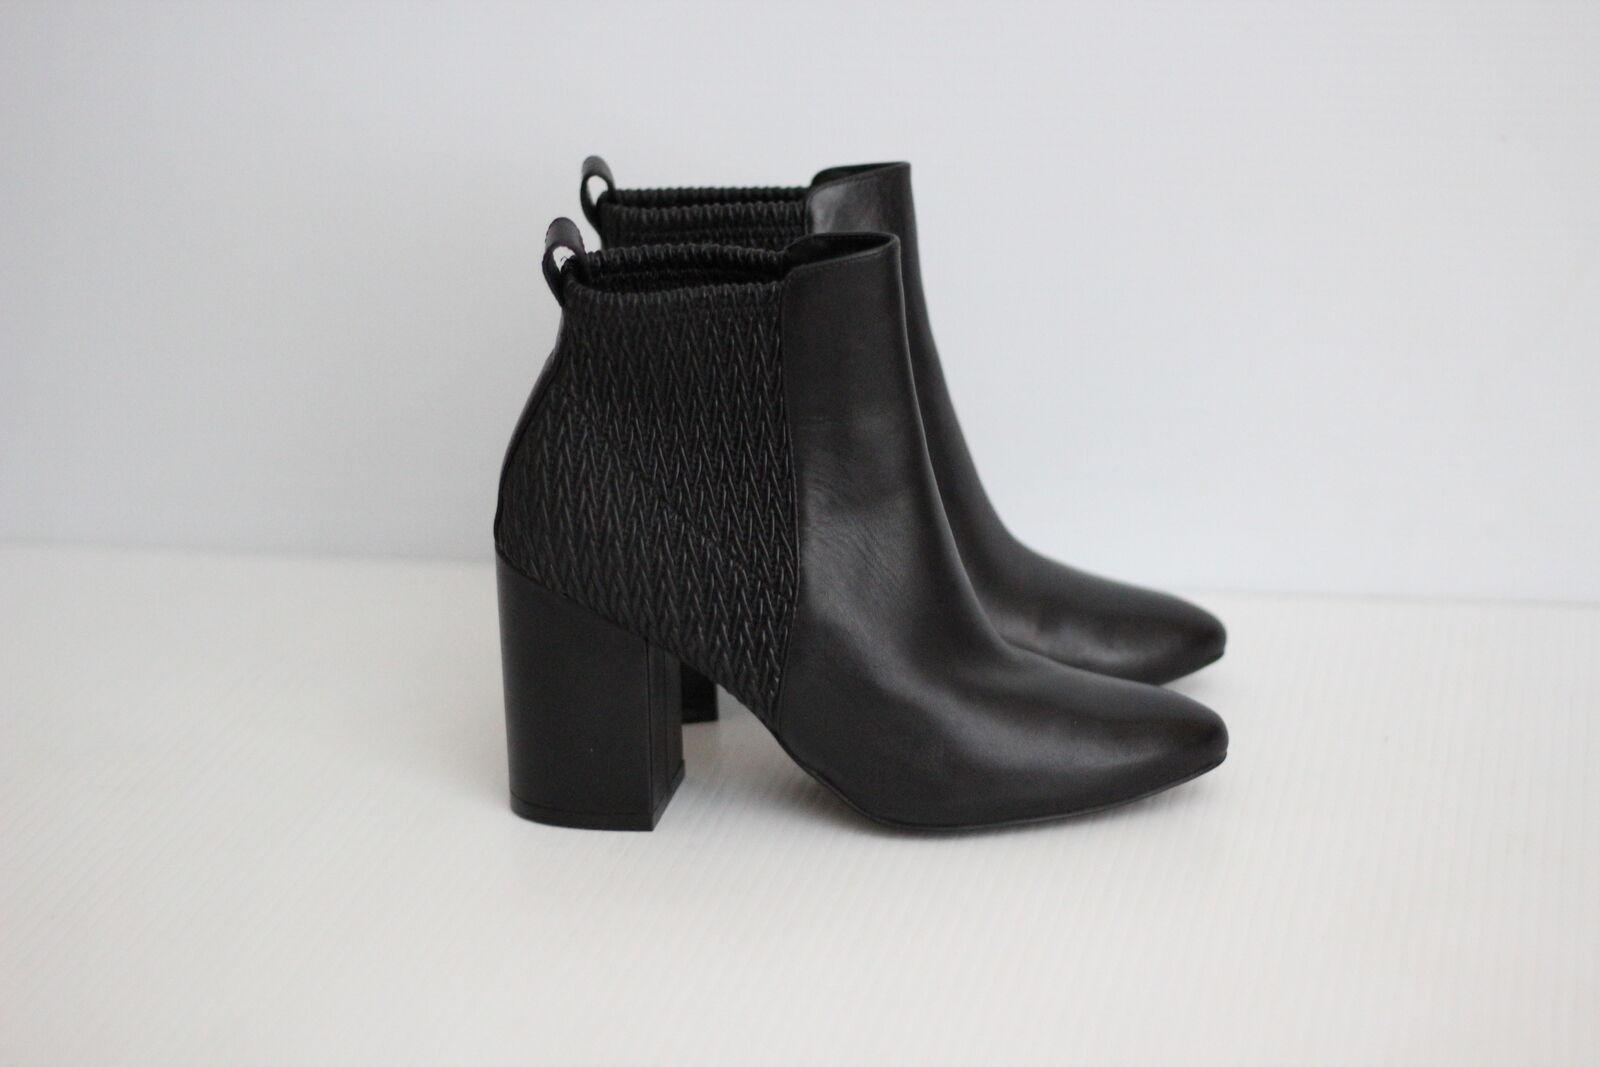 autorizzazione ufficiale NEW Cole Haan Donna  Aylin Ankle avvioie avvioie avvioie - nero Leather - Dimensione 7 B  (A14)  alto sconto